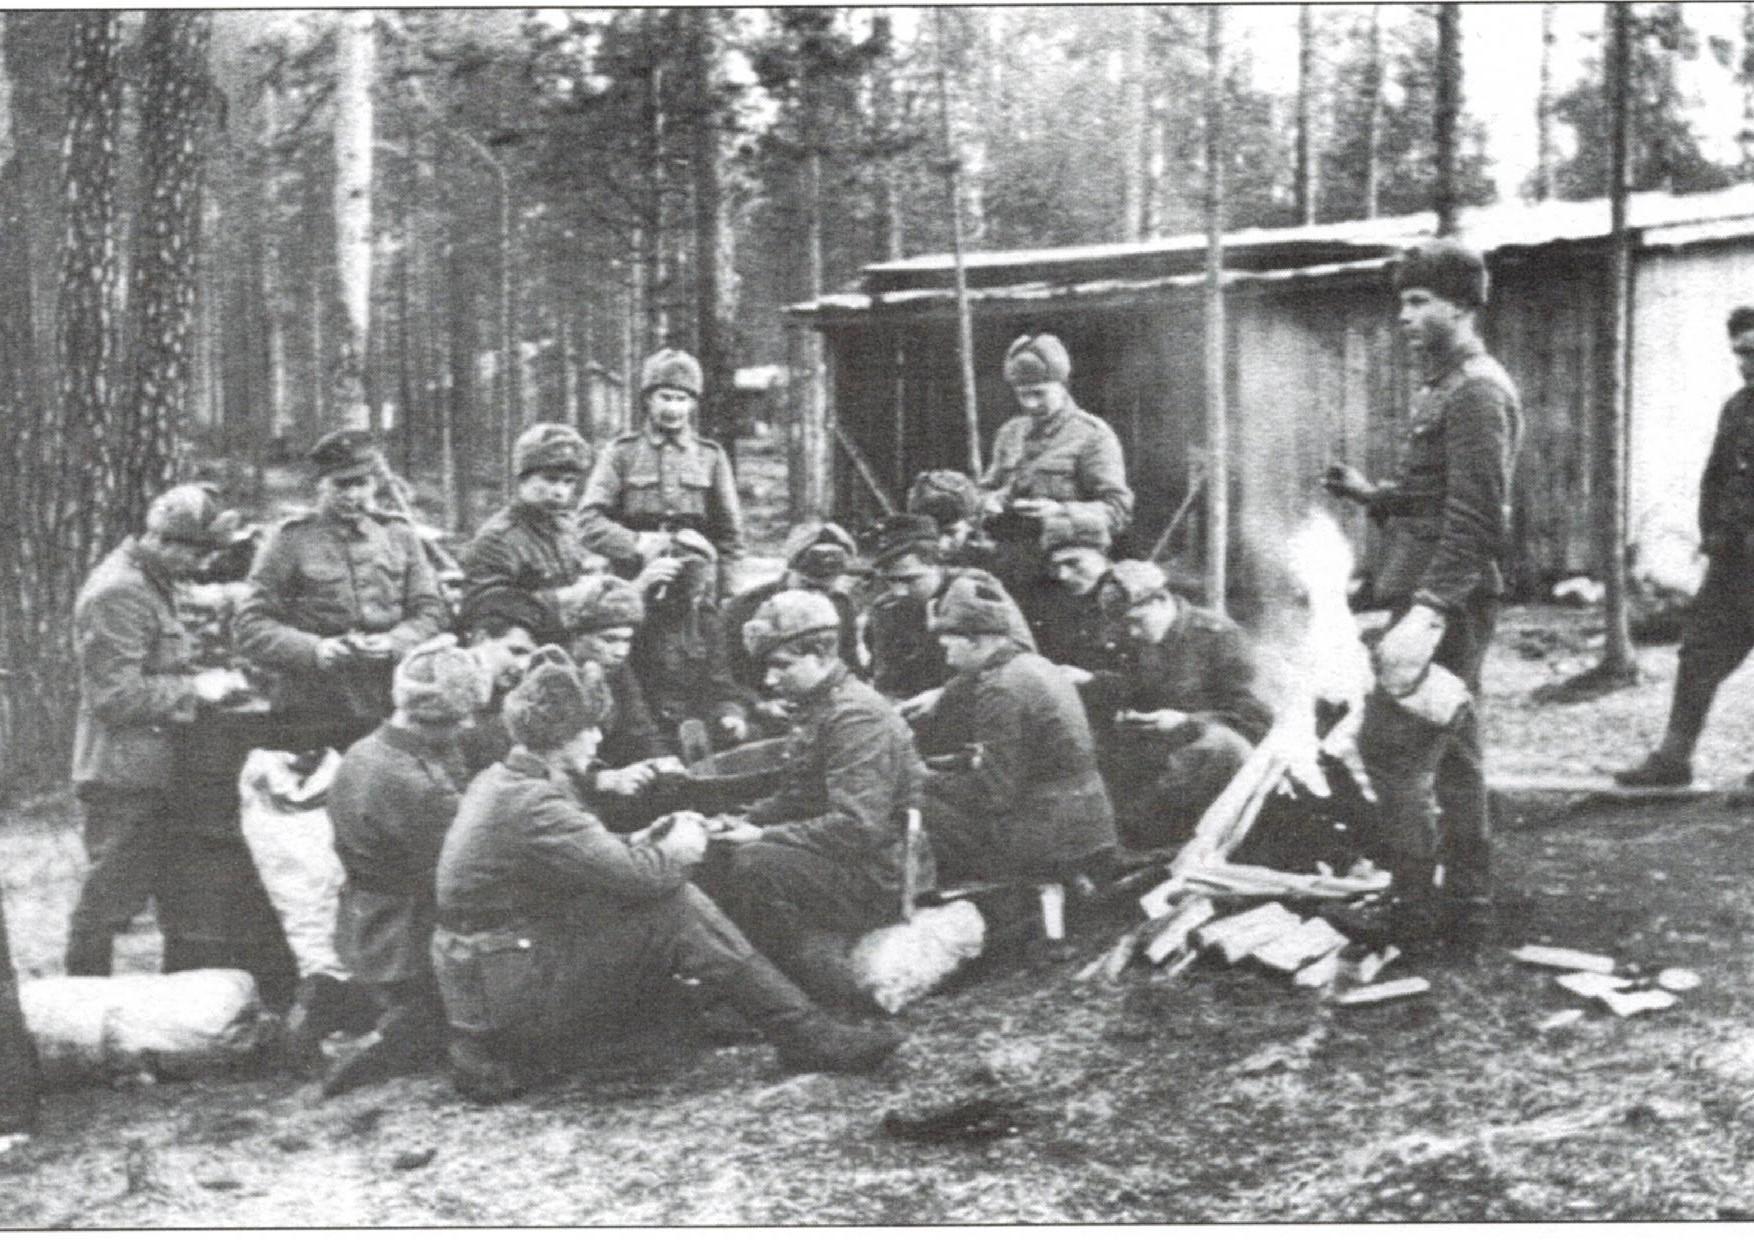 Nuorten miesten perunateatteri käynnissä Jukolan motissa Nurmeksen lähellä syksyllä 1943.  (Kuva Pekka Niemi).